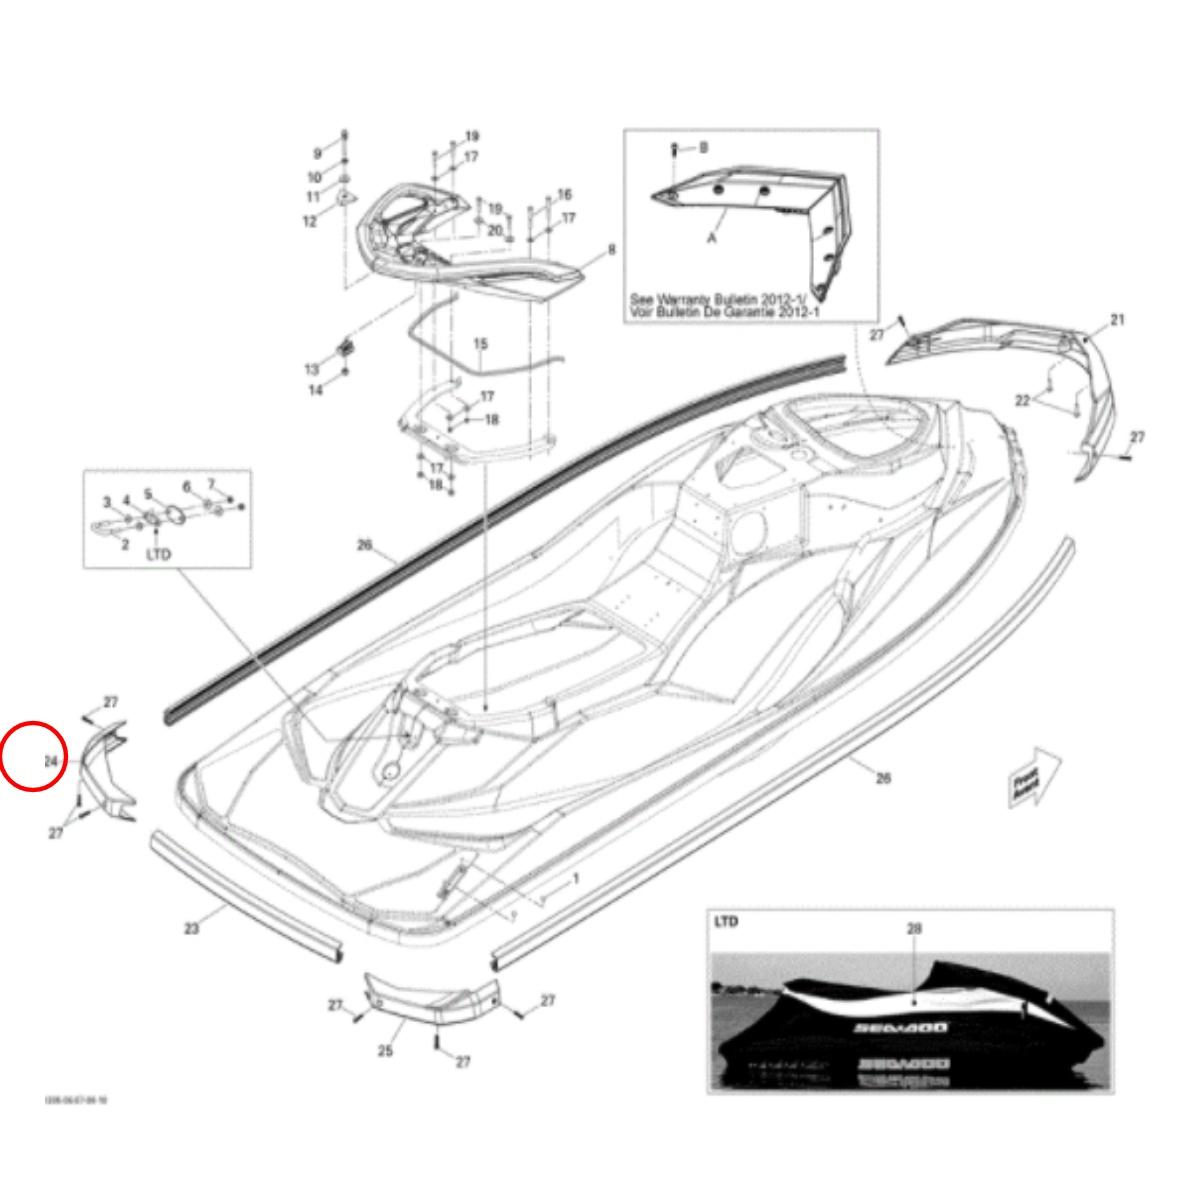 Cantoneira Para Jet Ski Sea Doo GTI,GTS,GTR 11/13 Lado Esquerdo  - Radical Peças - Peças para Jet Ski